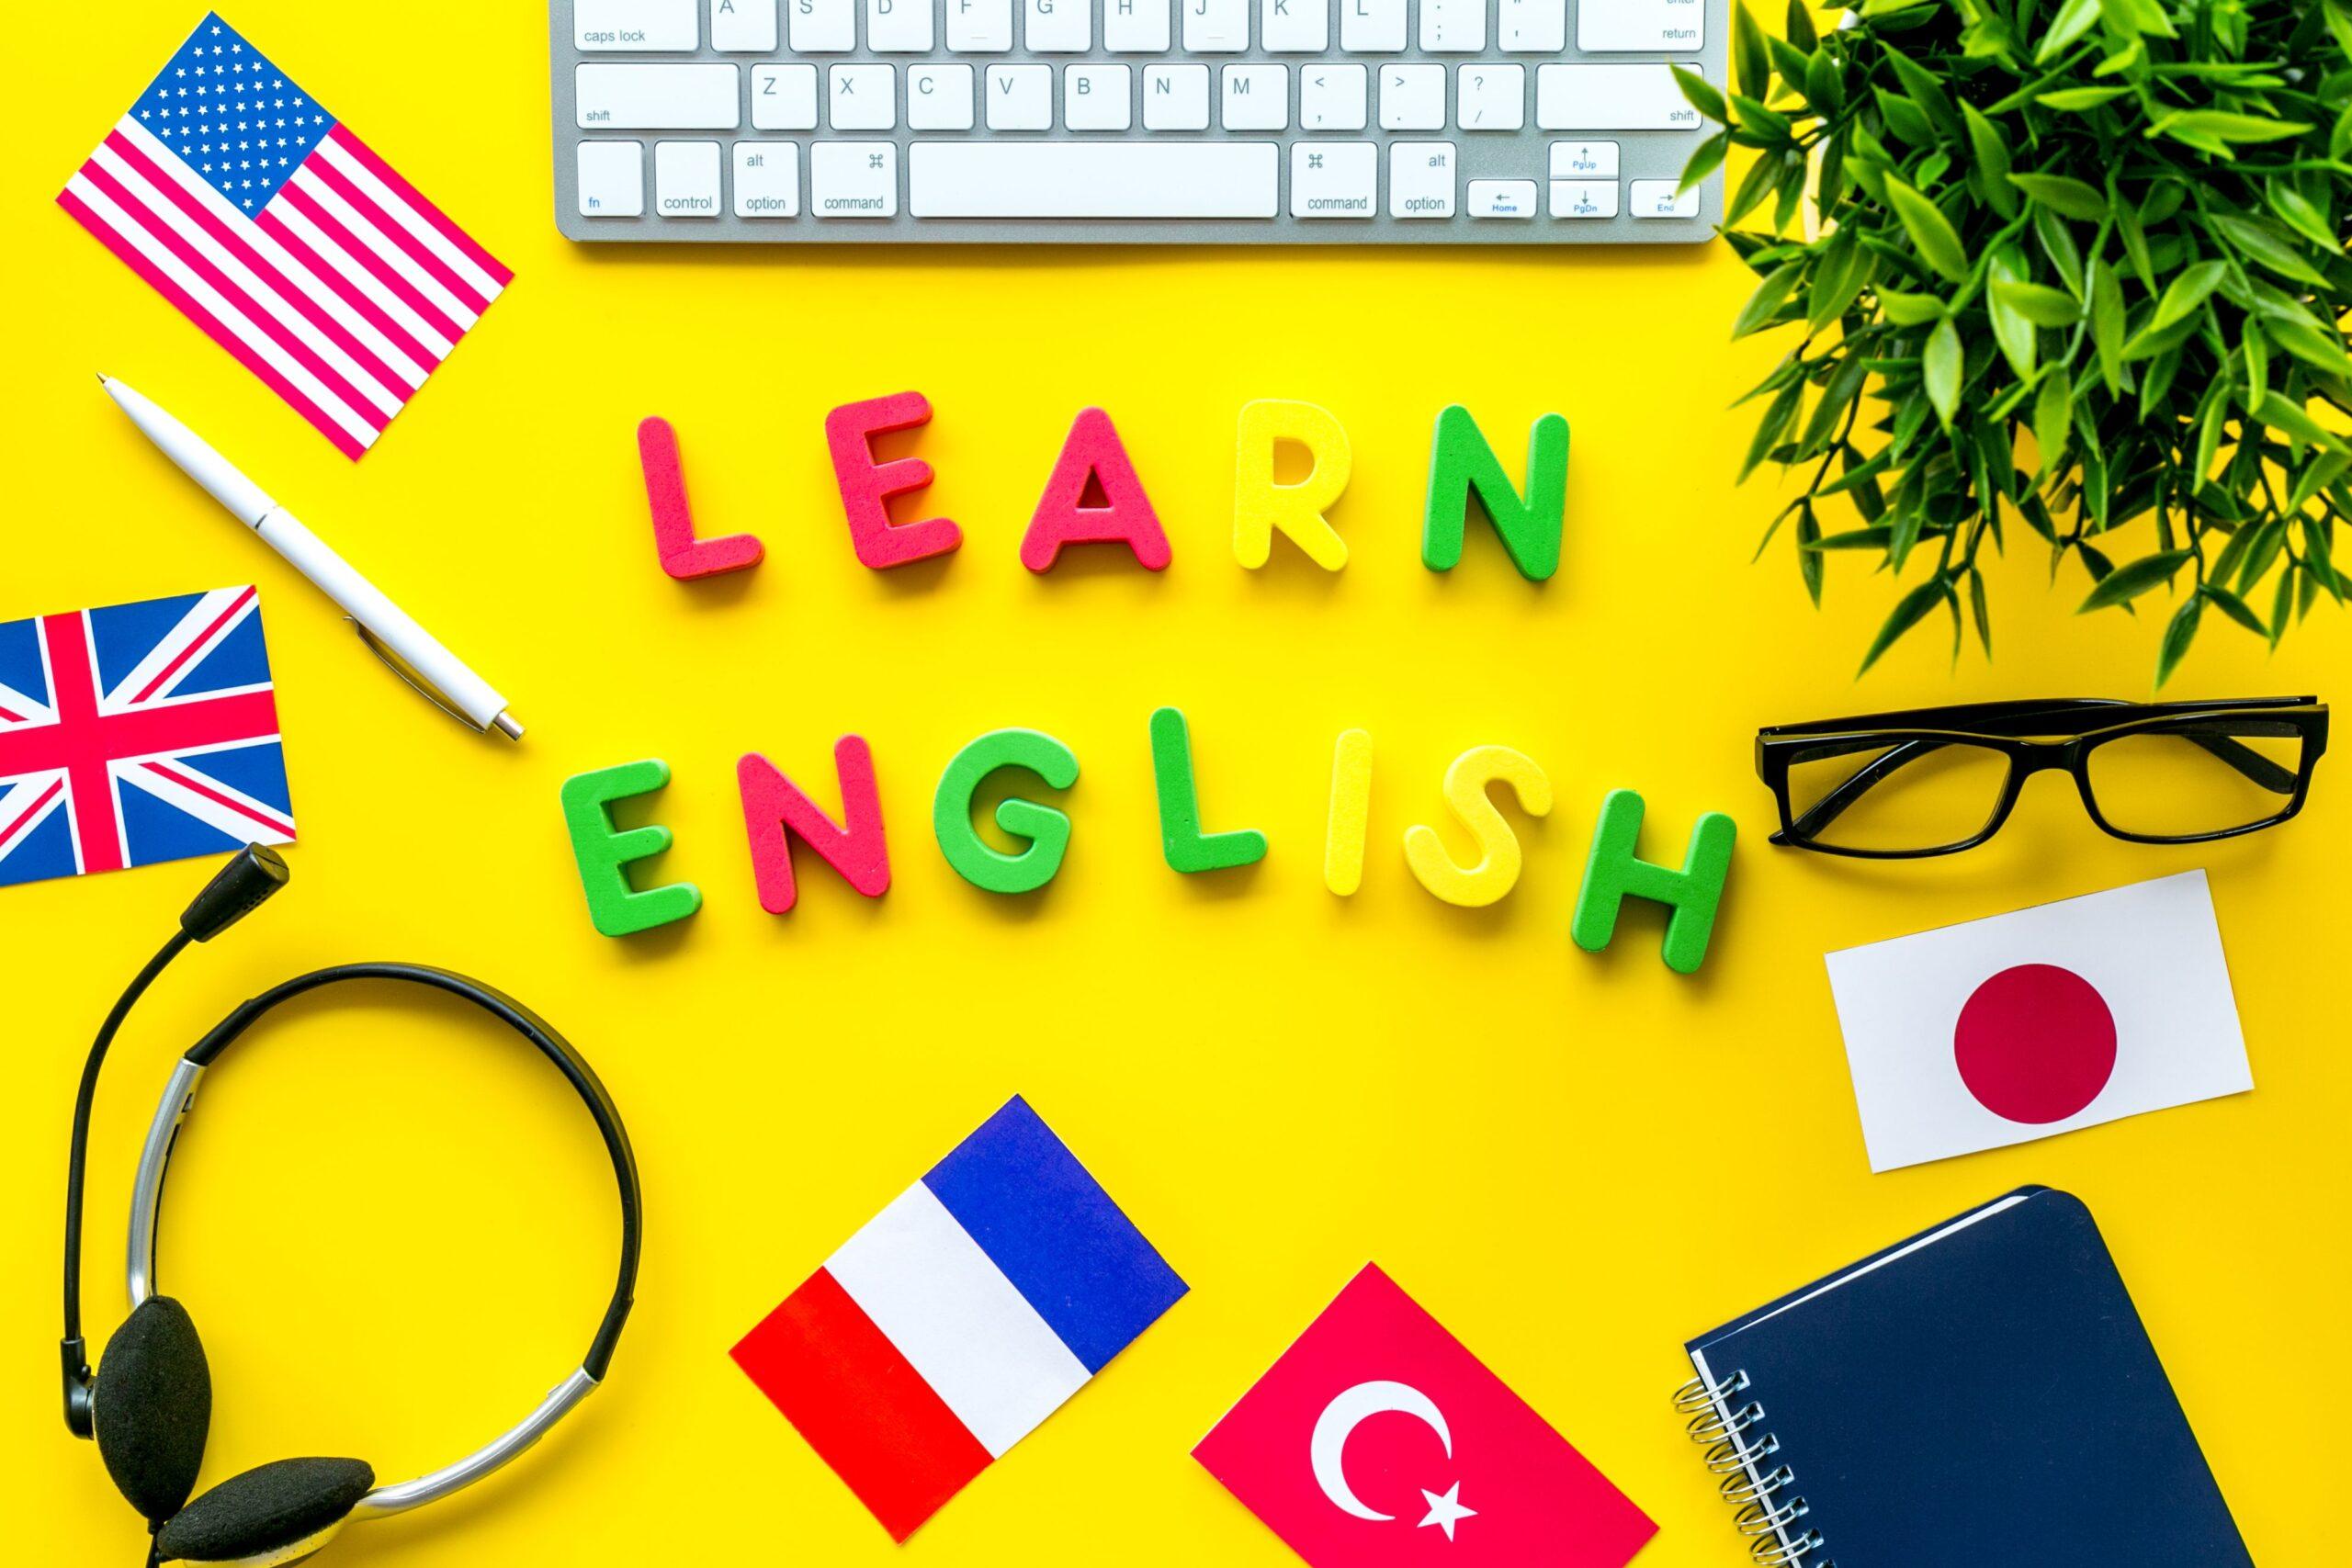 Inglese per bambini. Quali sono i vantaggi di imparare una lingua?